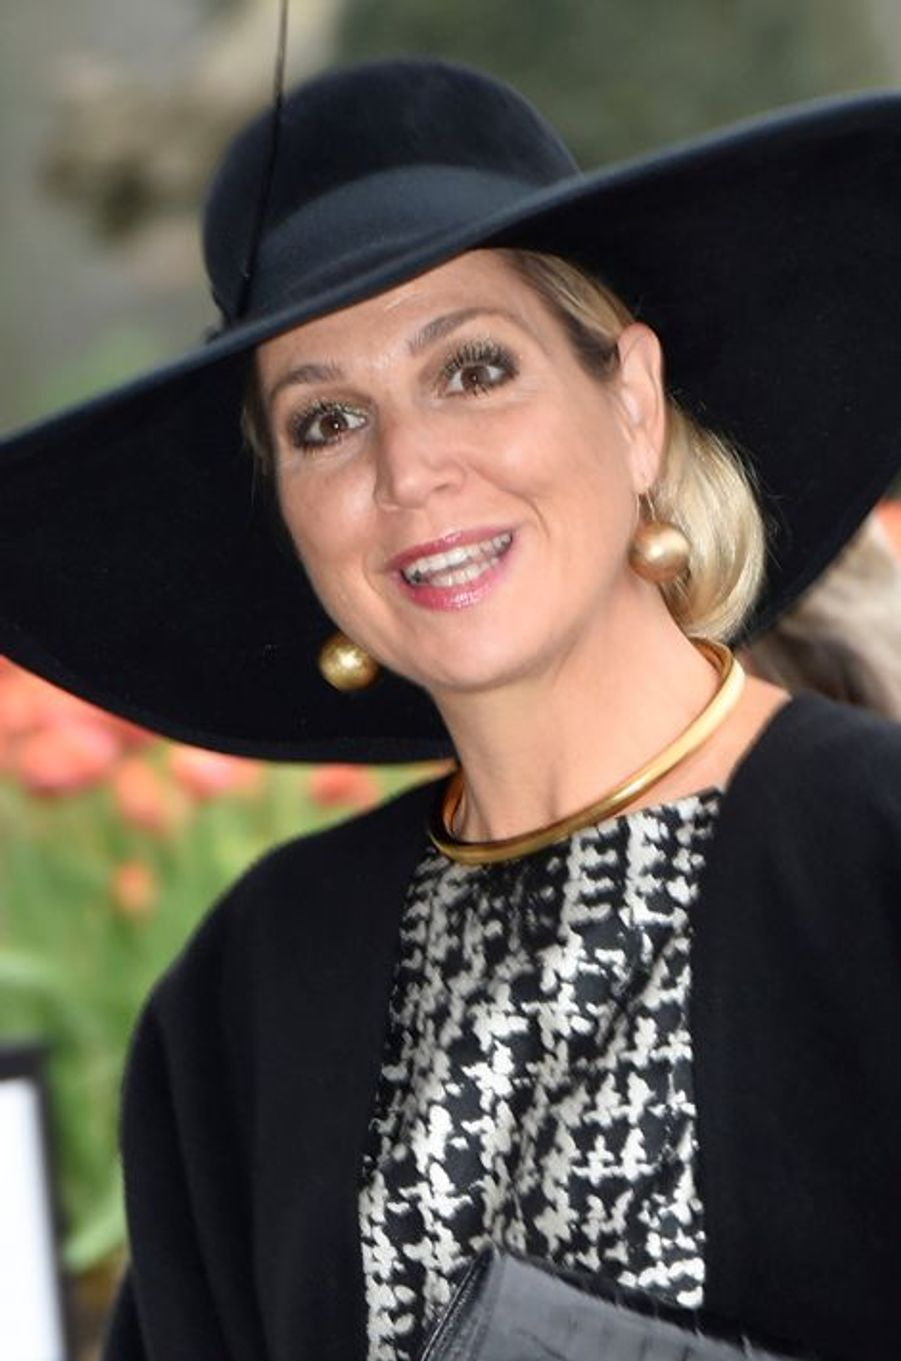 La reine Maxima des Pays-Bas au Keukenhof à Lisse, le 6 janvier 2016